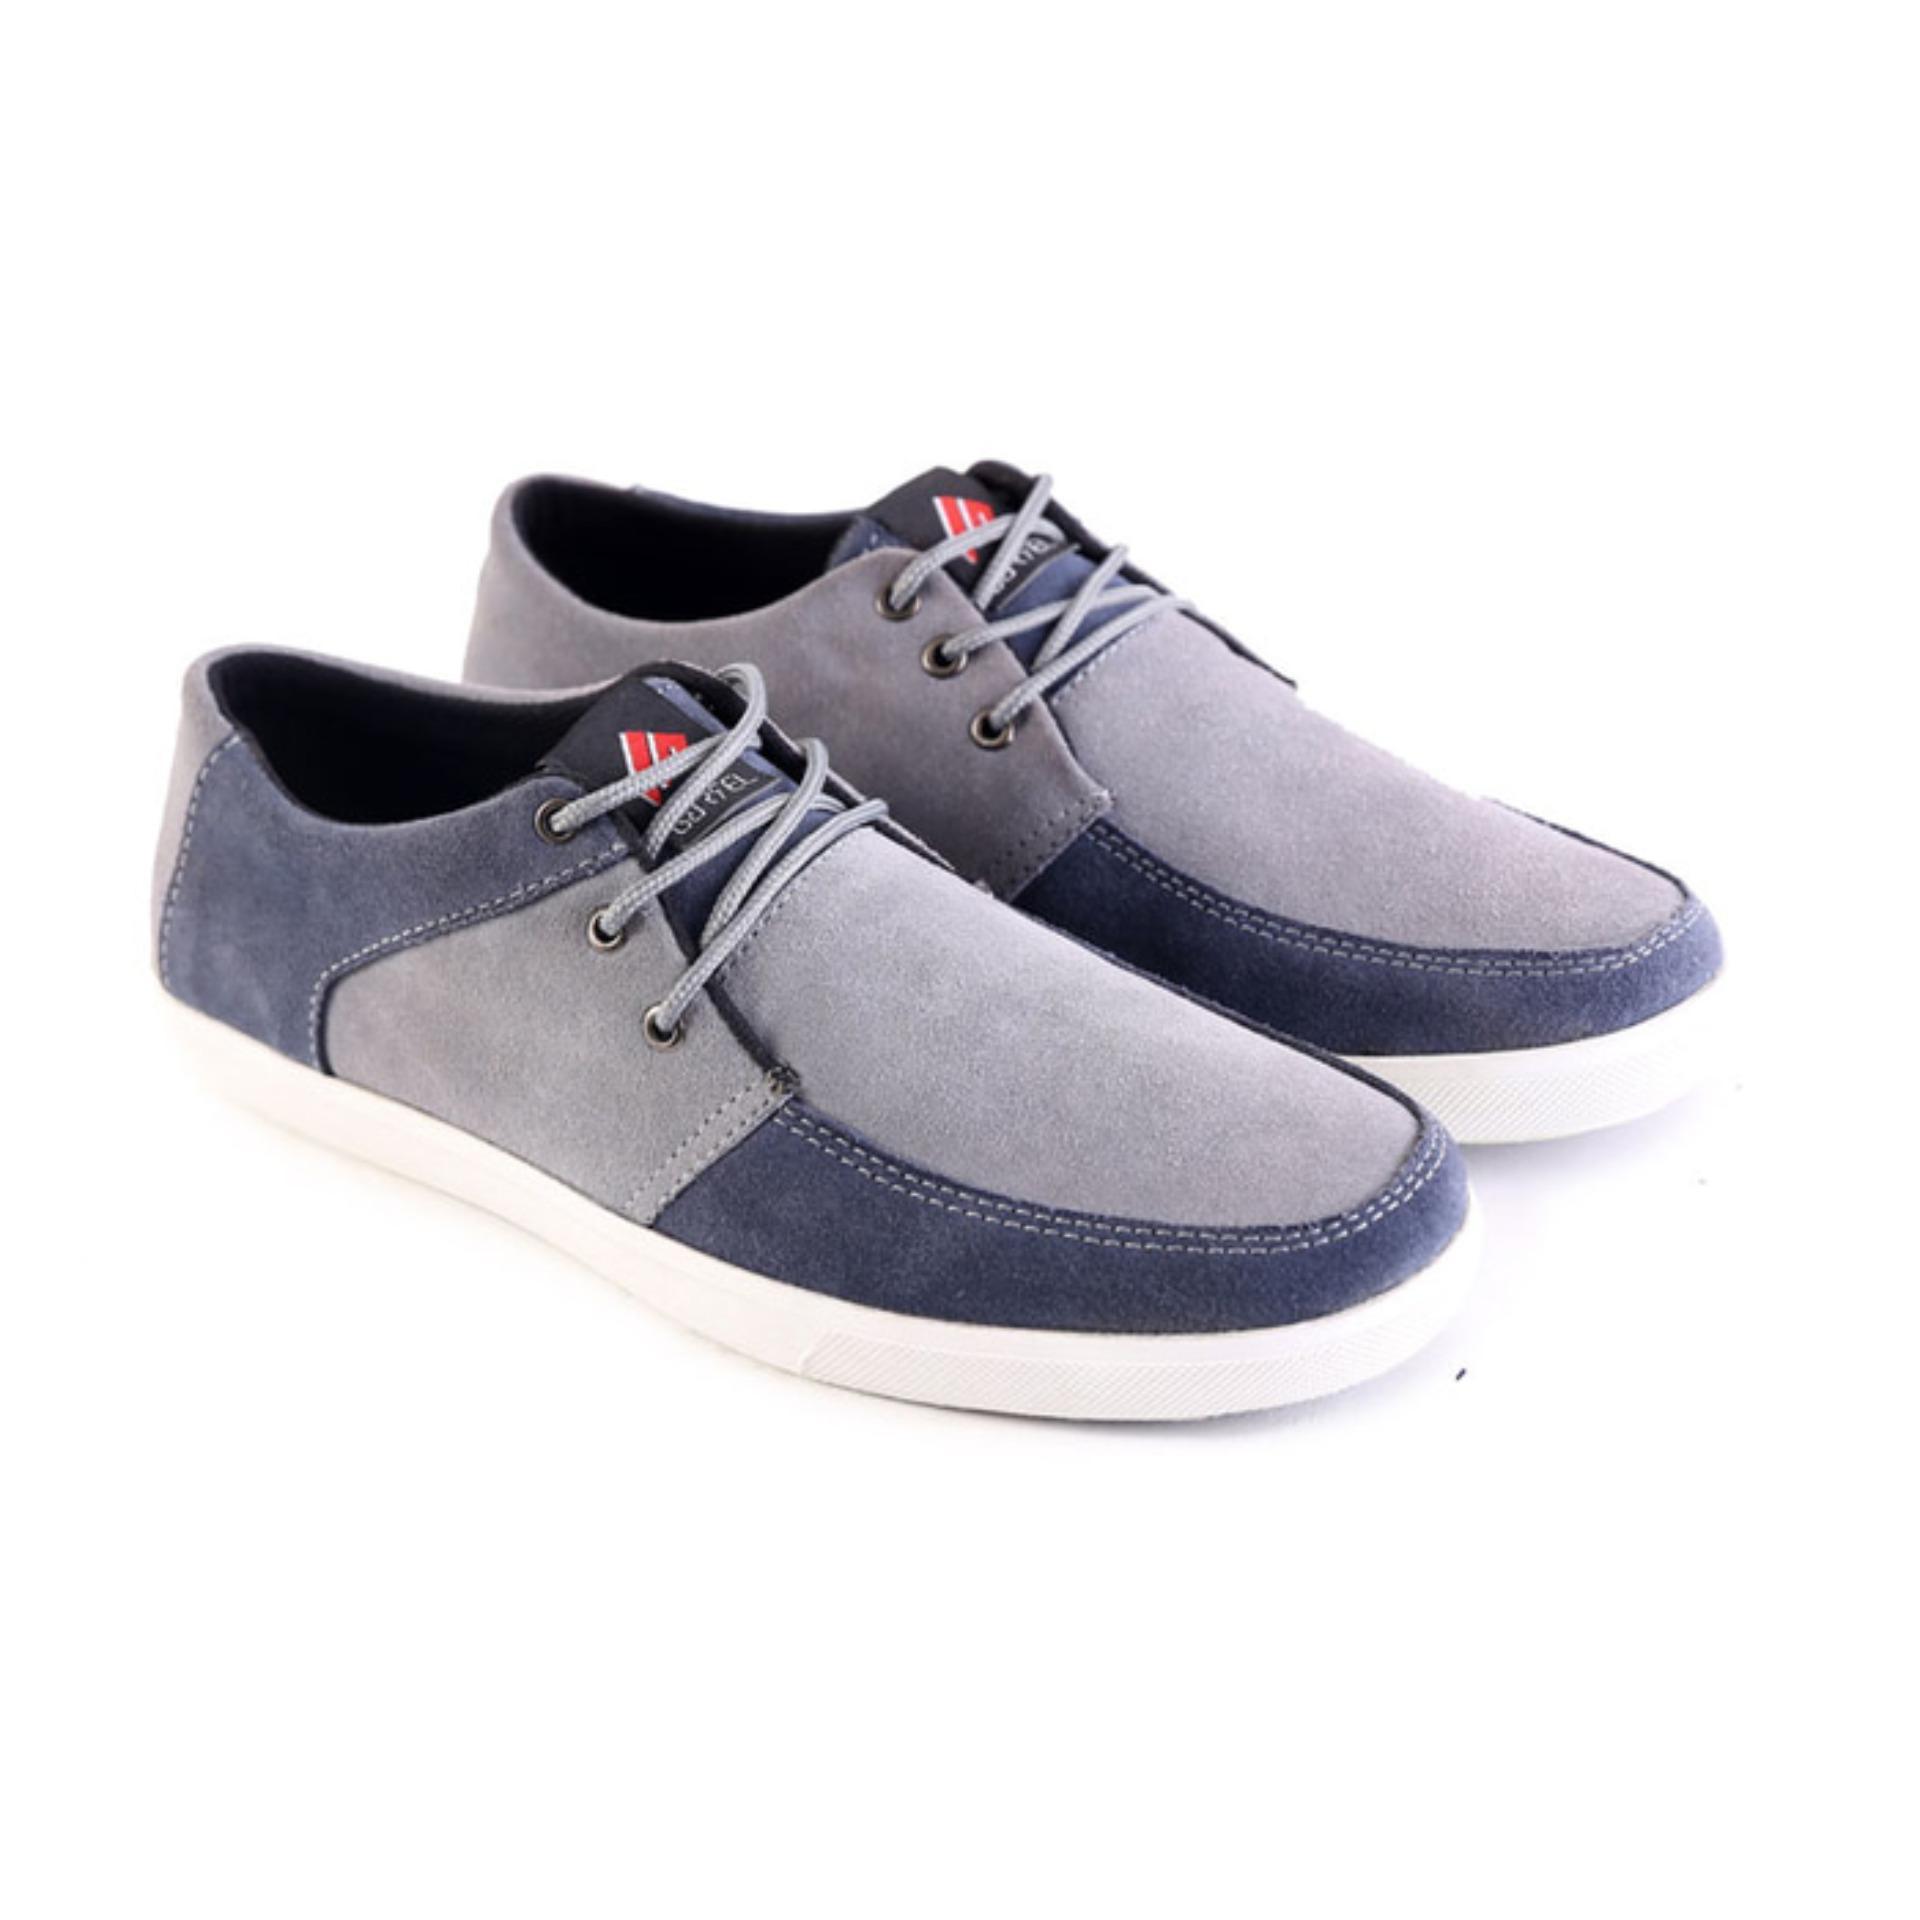 Daftar Harga Sepatu Cowok Terbaru Terbaru Maret 2019  2c46be3e82